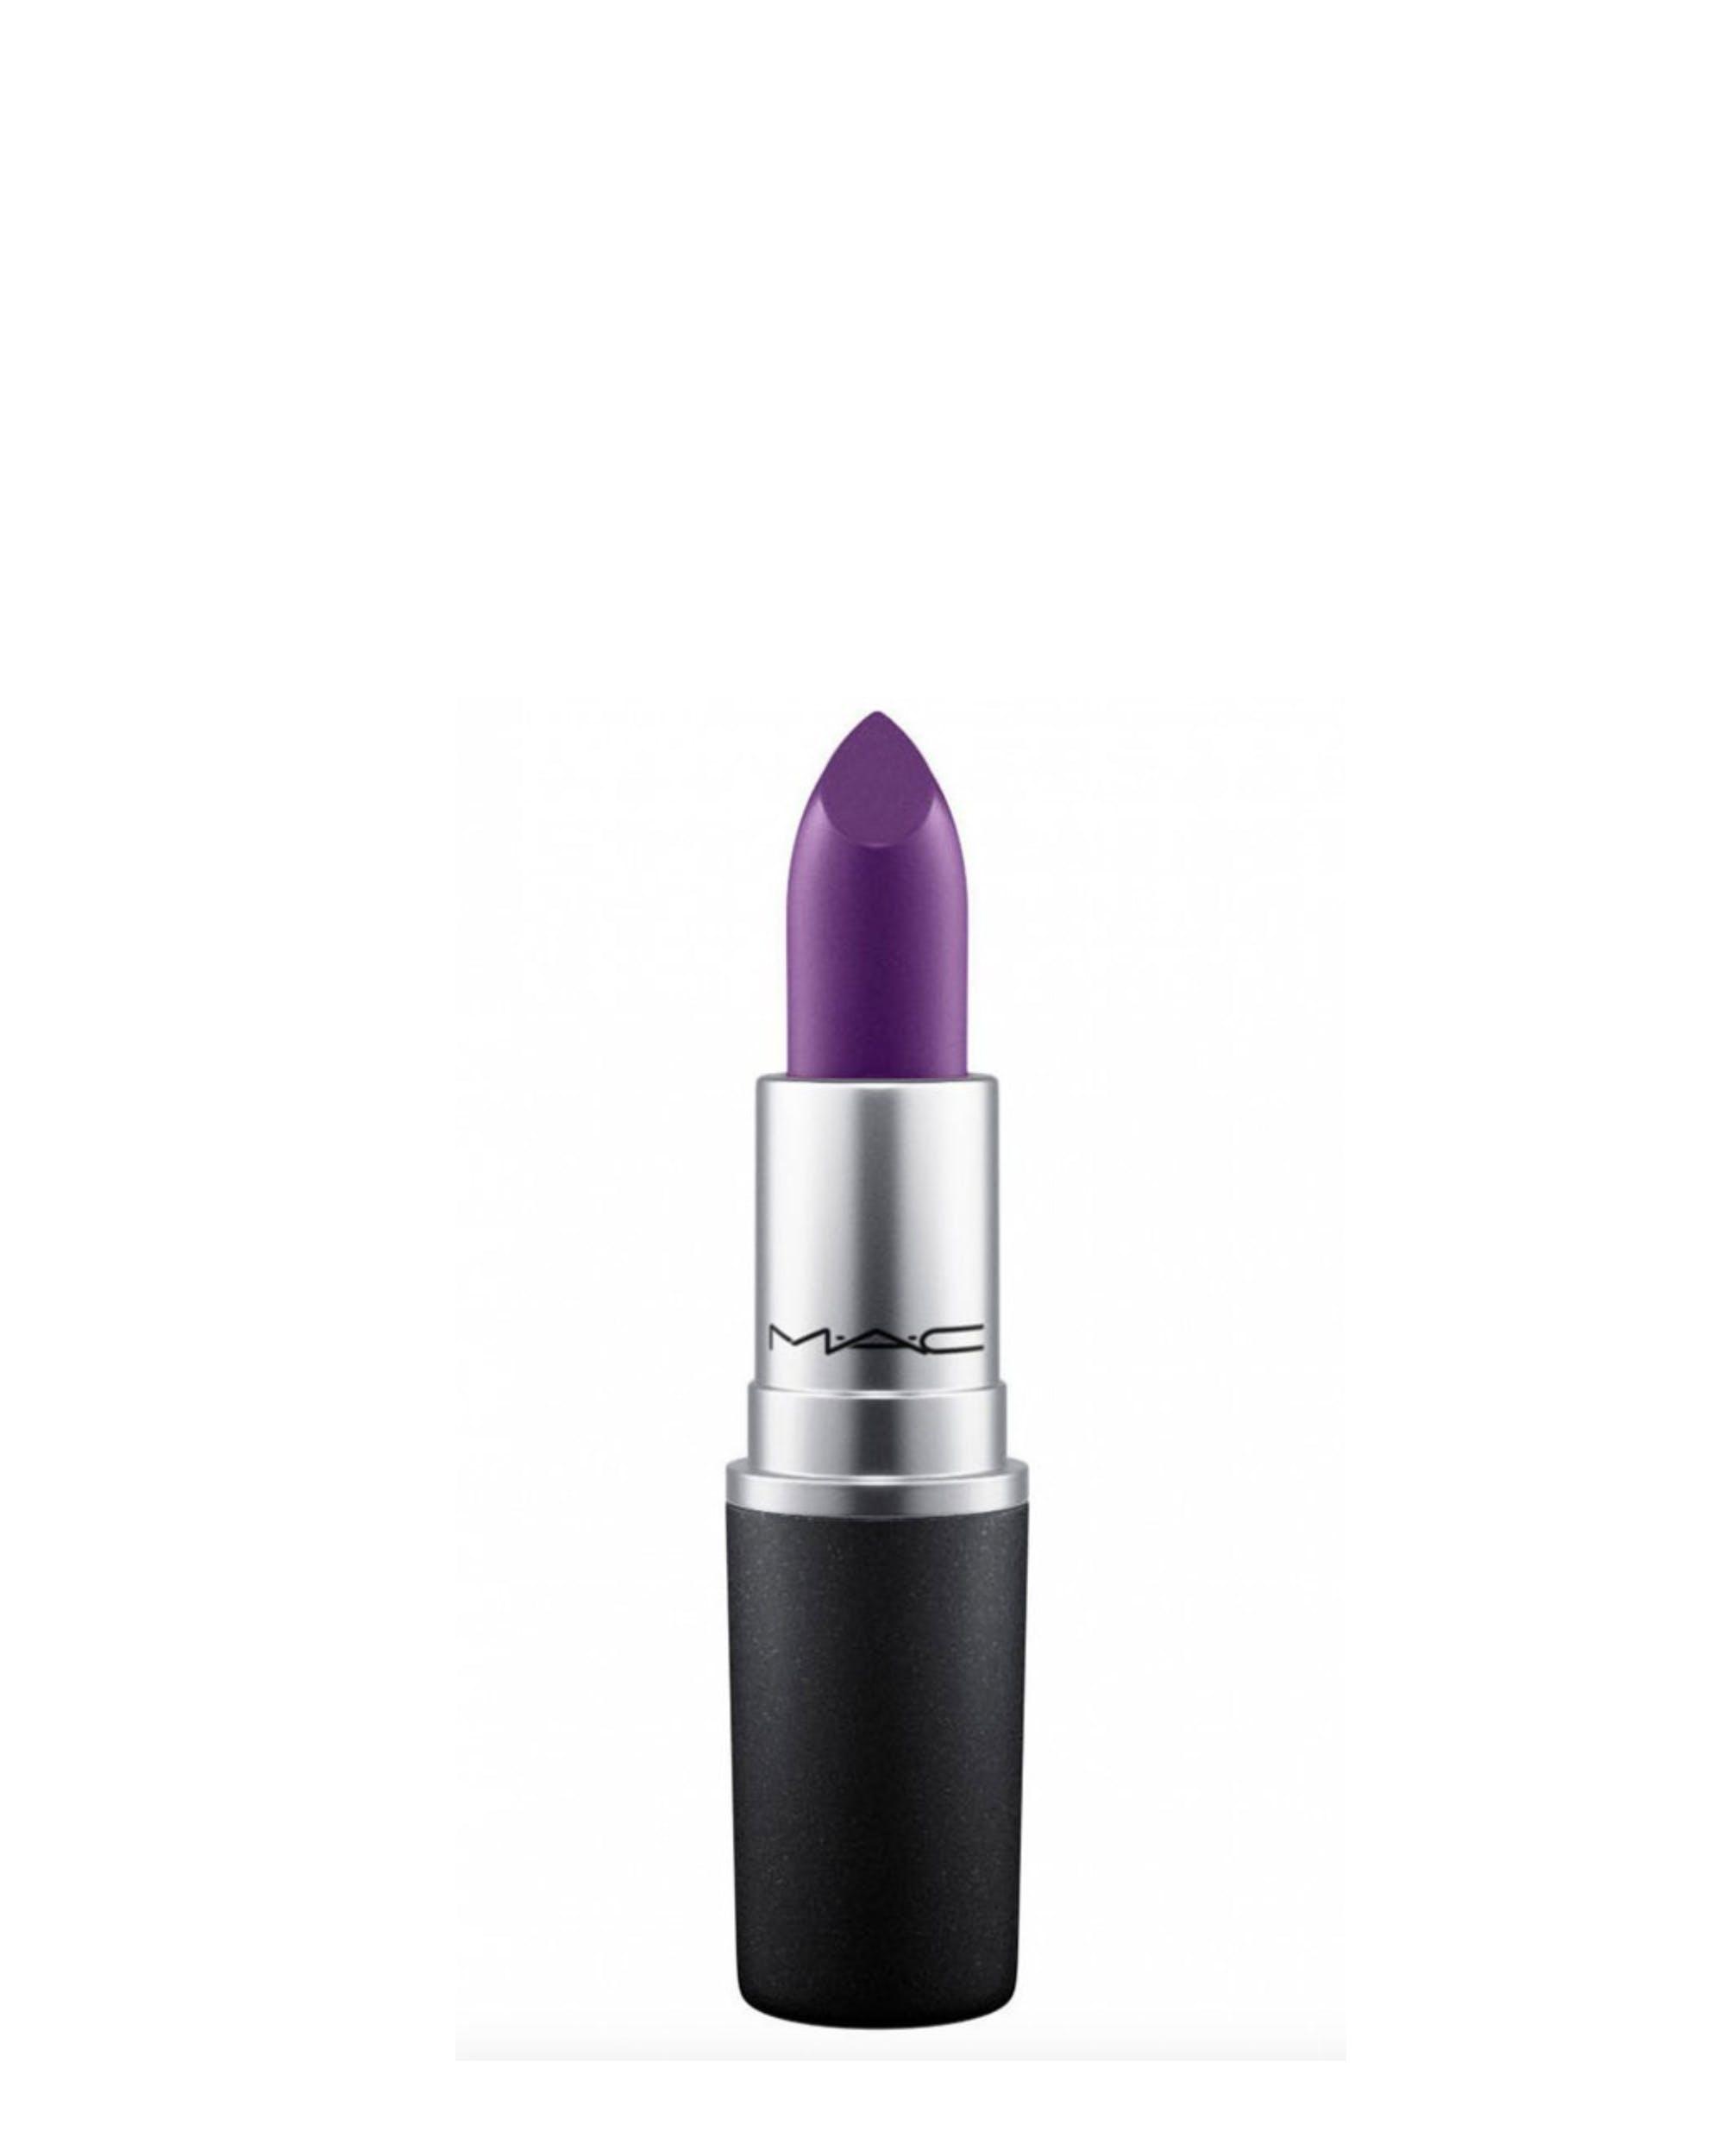 Mac Lippenstift